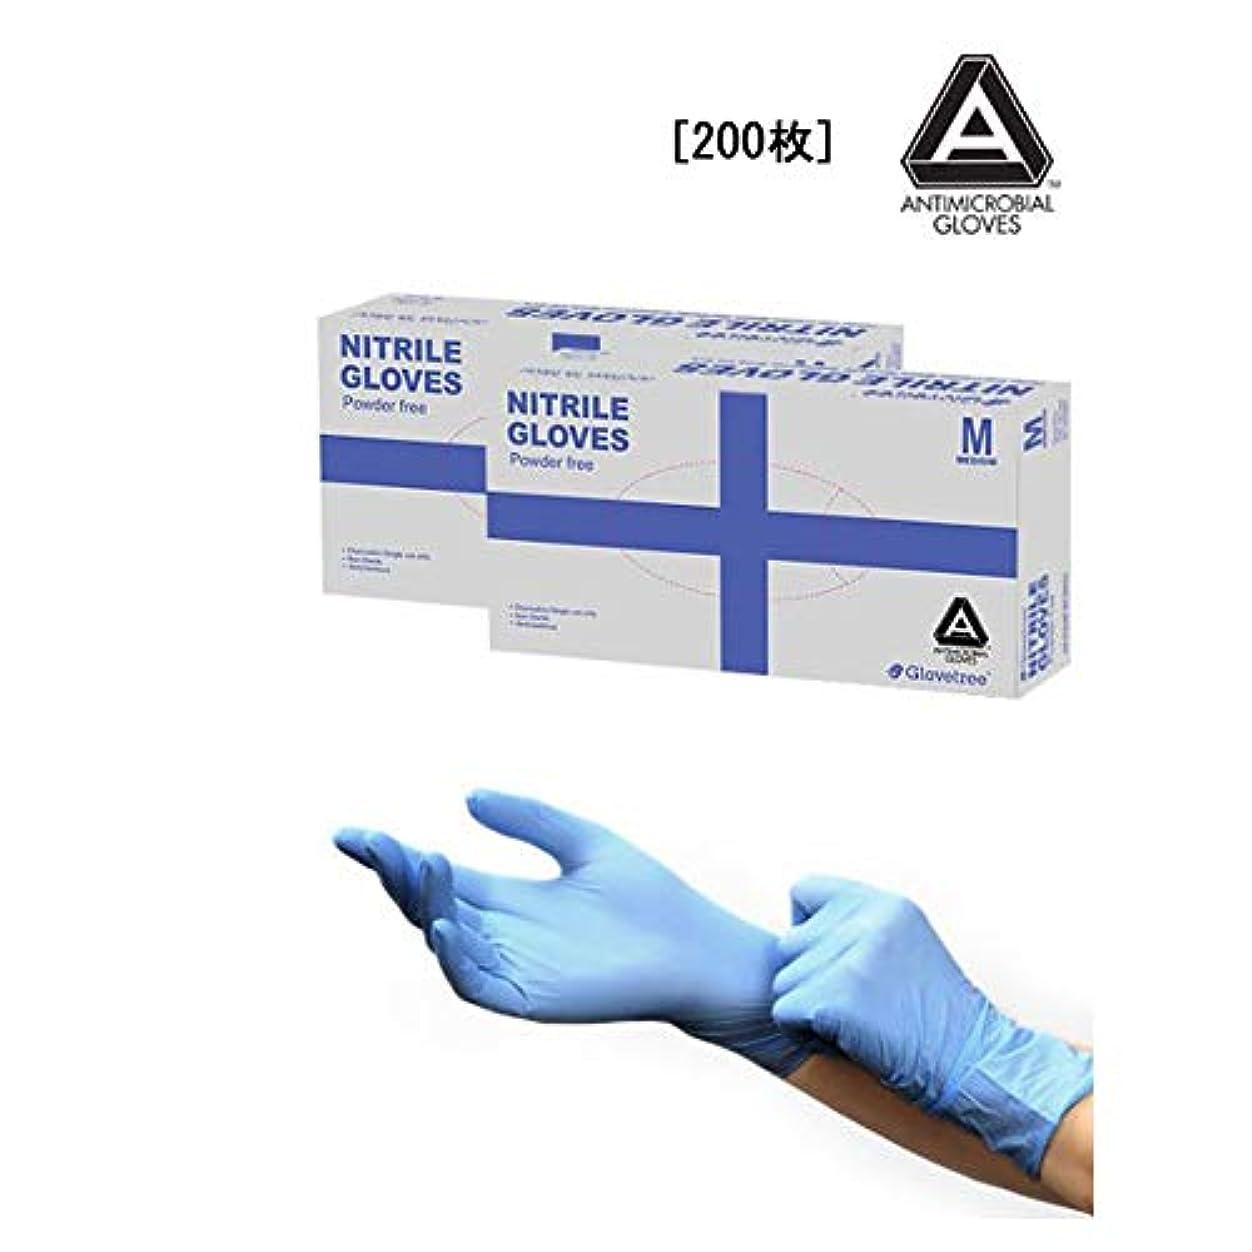 ズームインする感謝祭なんとなく(Glove Tree)AMG(Anti Microbial Gloves) 最高品質 無粉末 ニトリル手袋 パウダーフリー Biolet Blue 200枚(3.2g Nitrile、Mサイズ目安、Powder Free...